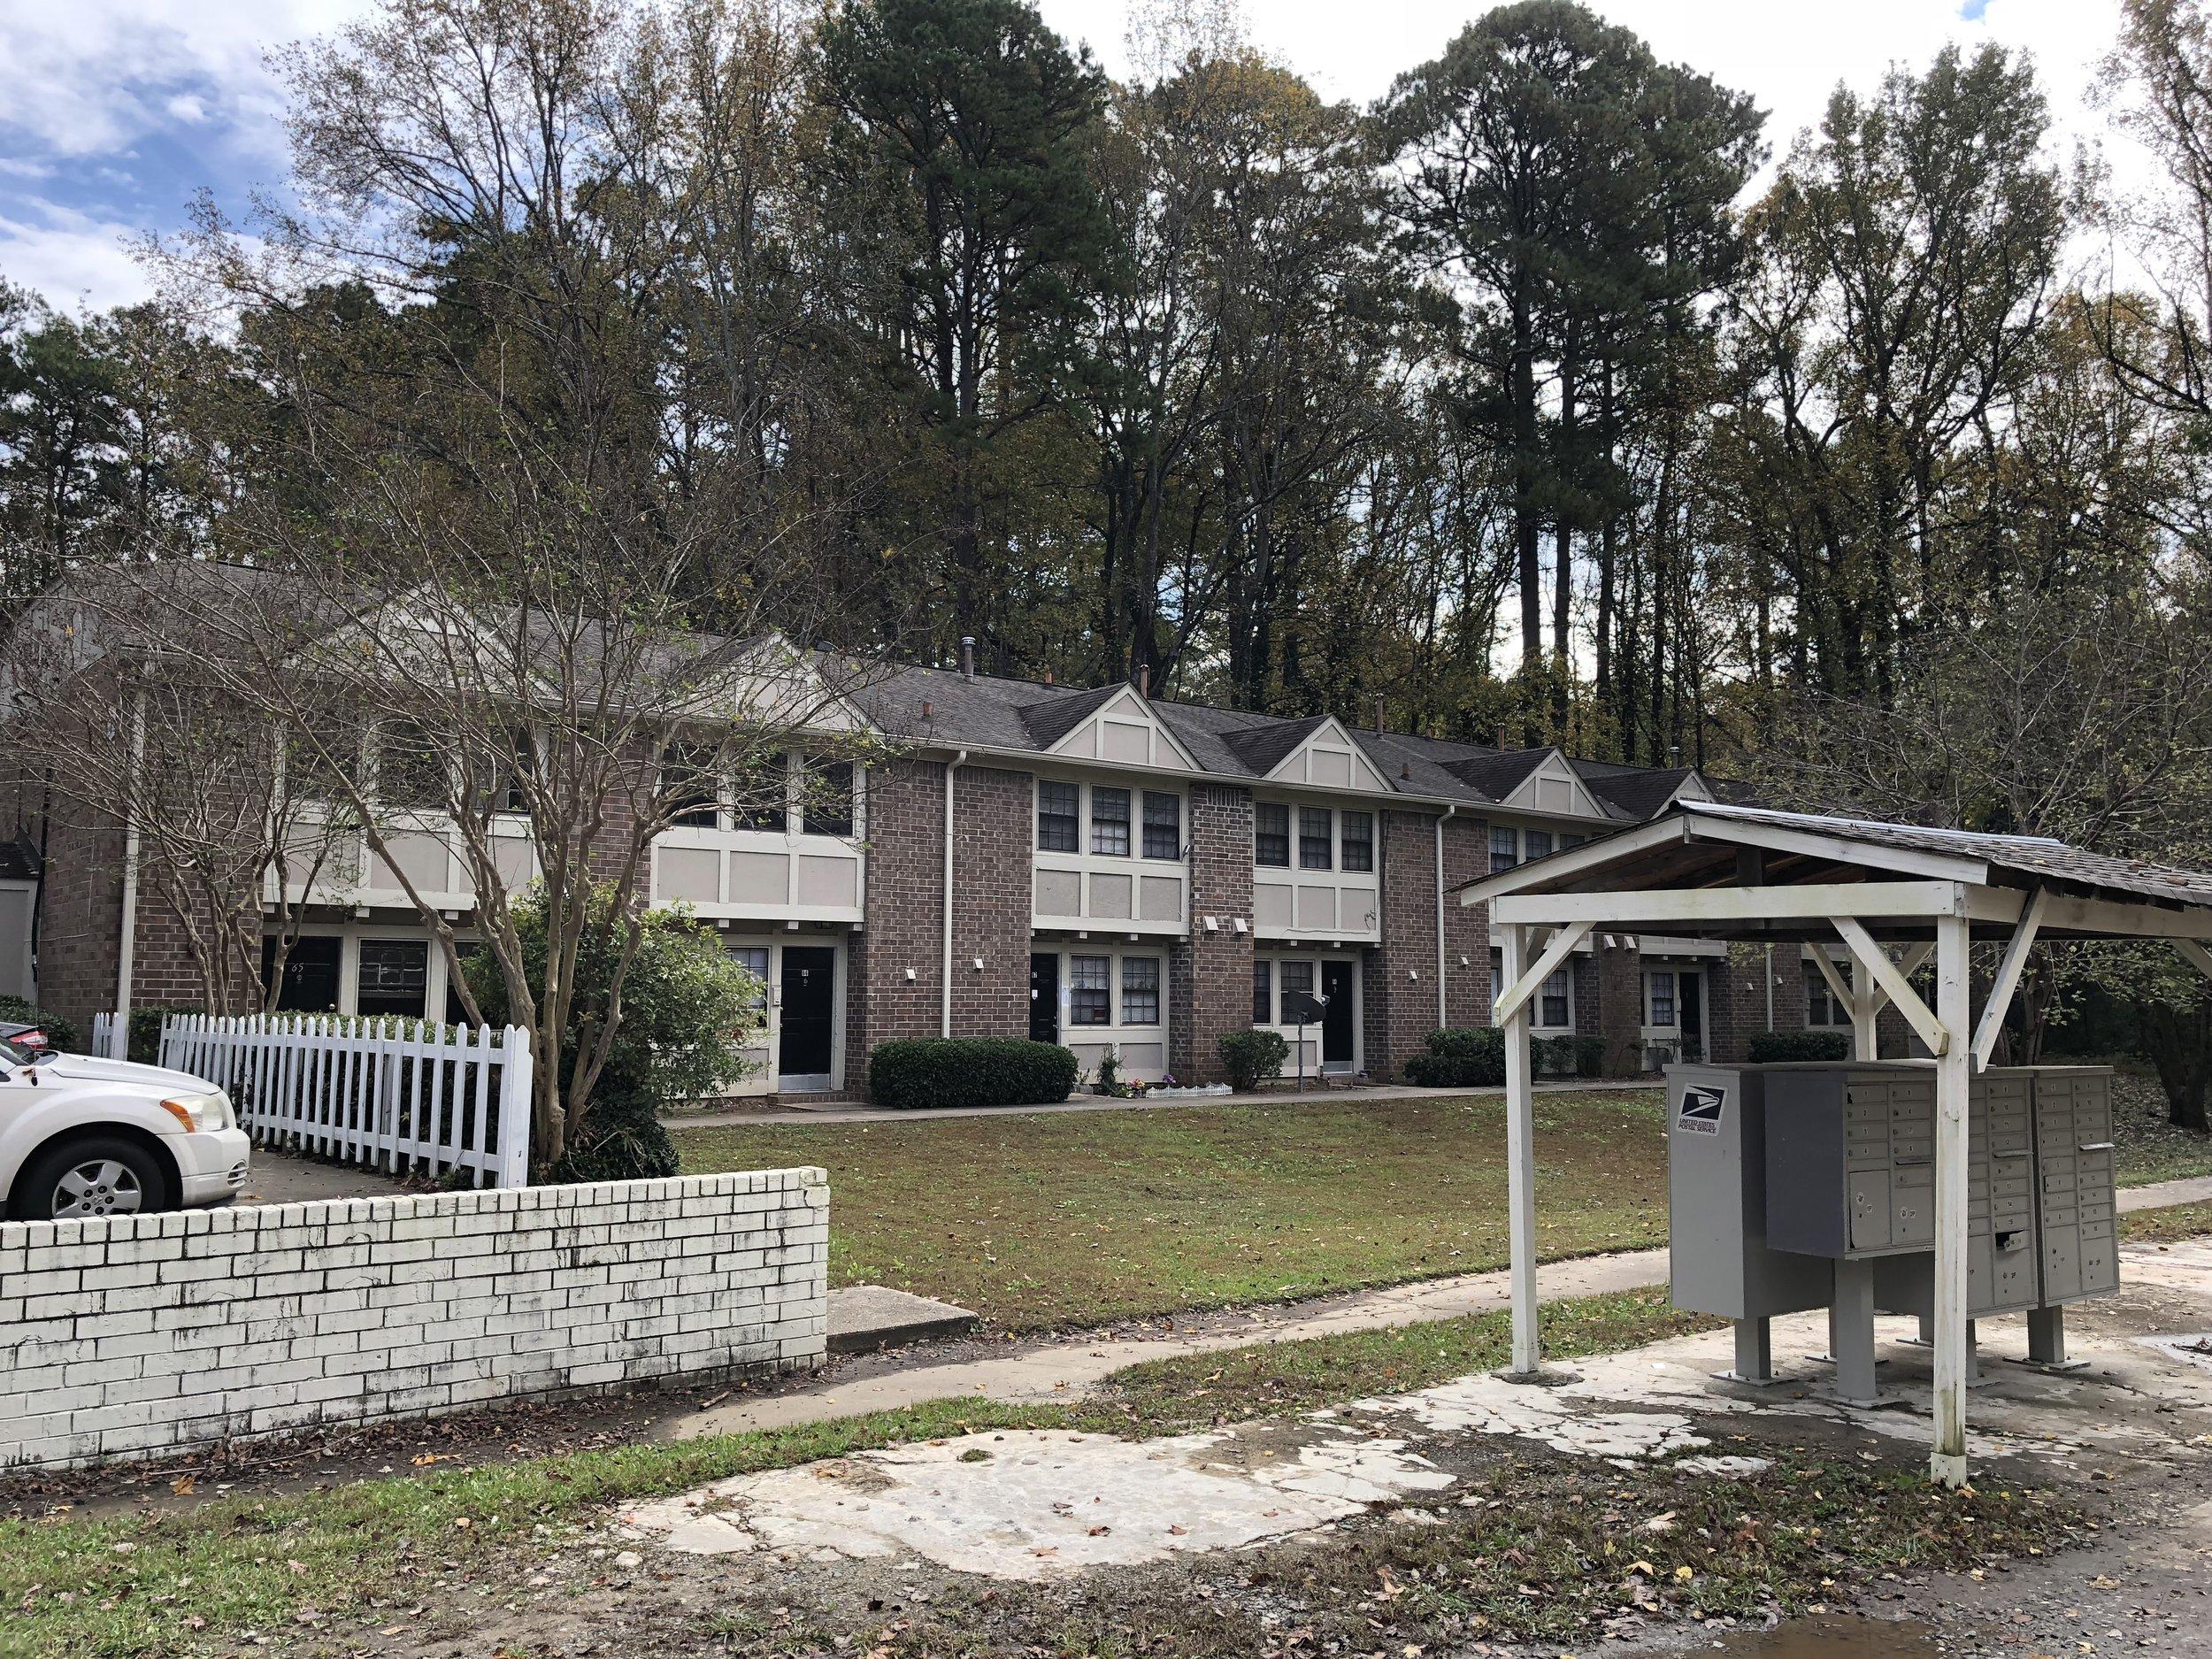 86 UNITS IN ATLANTA, GA